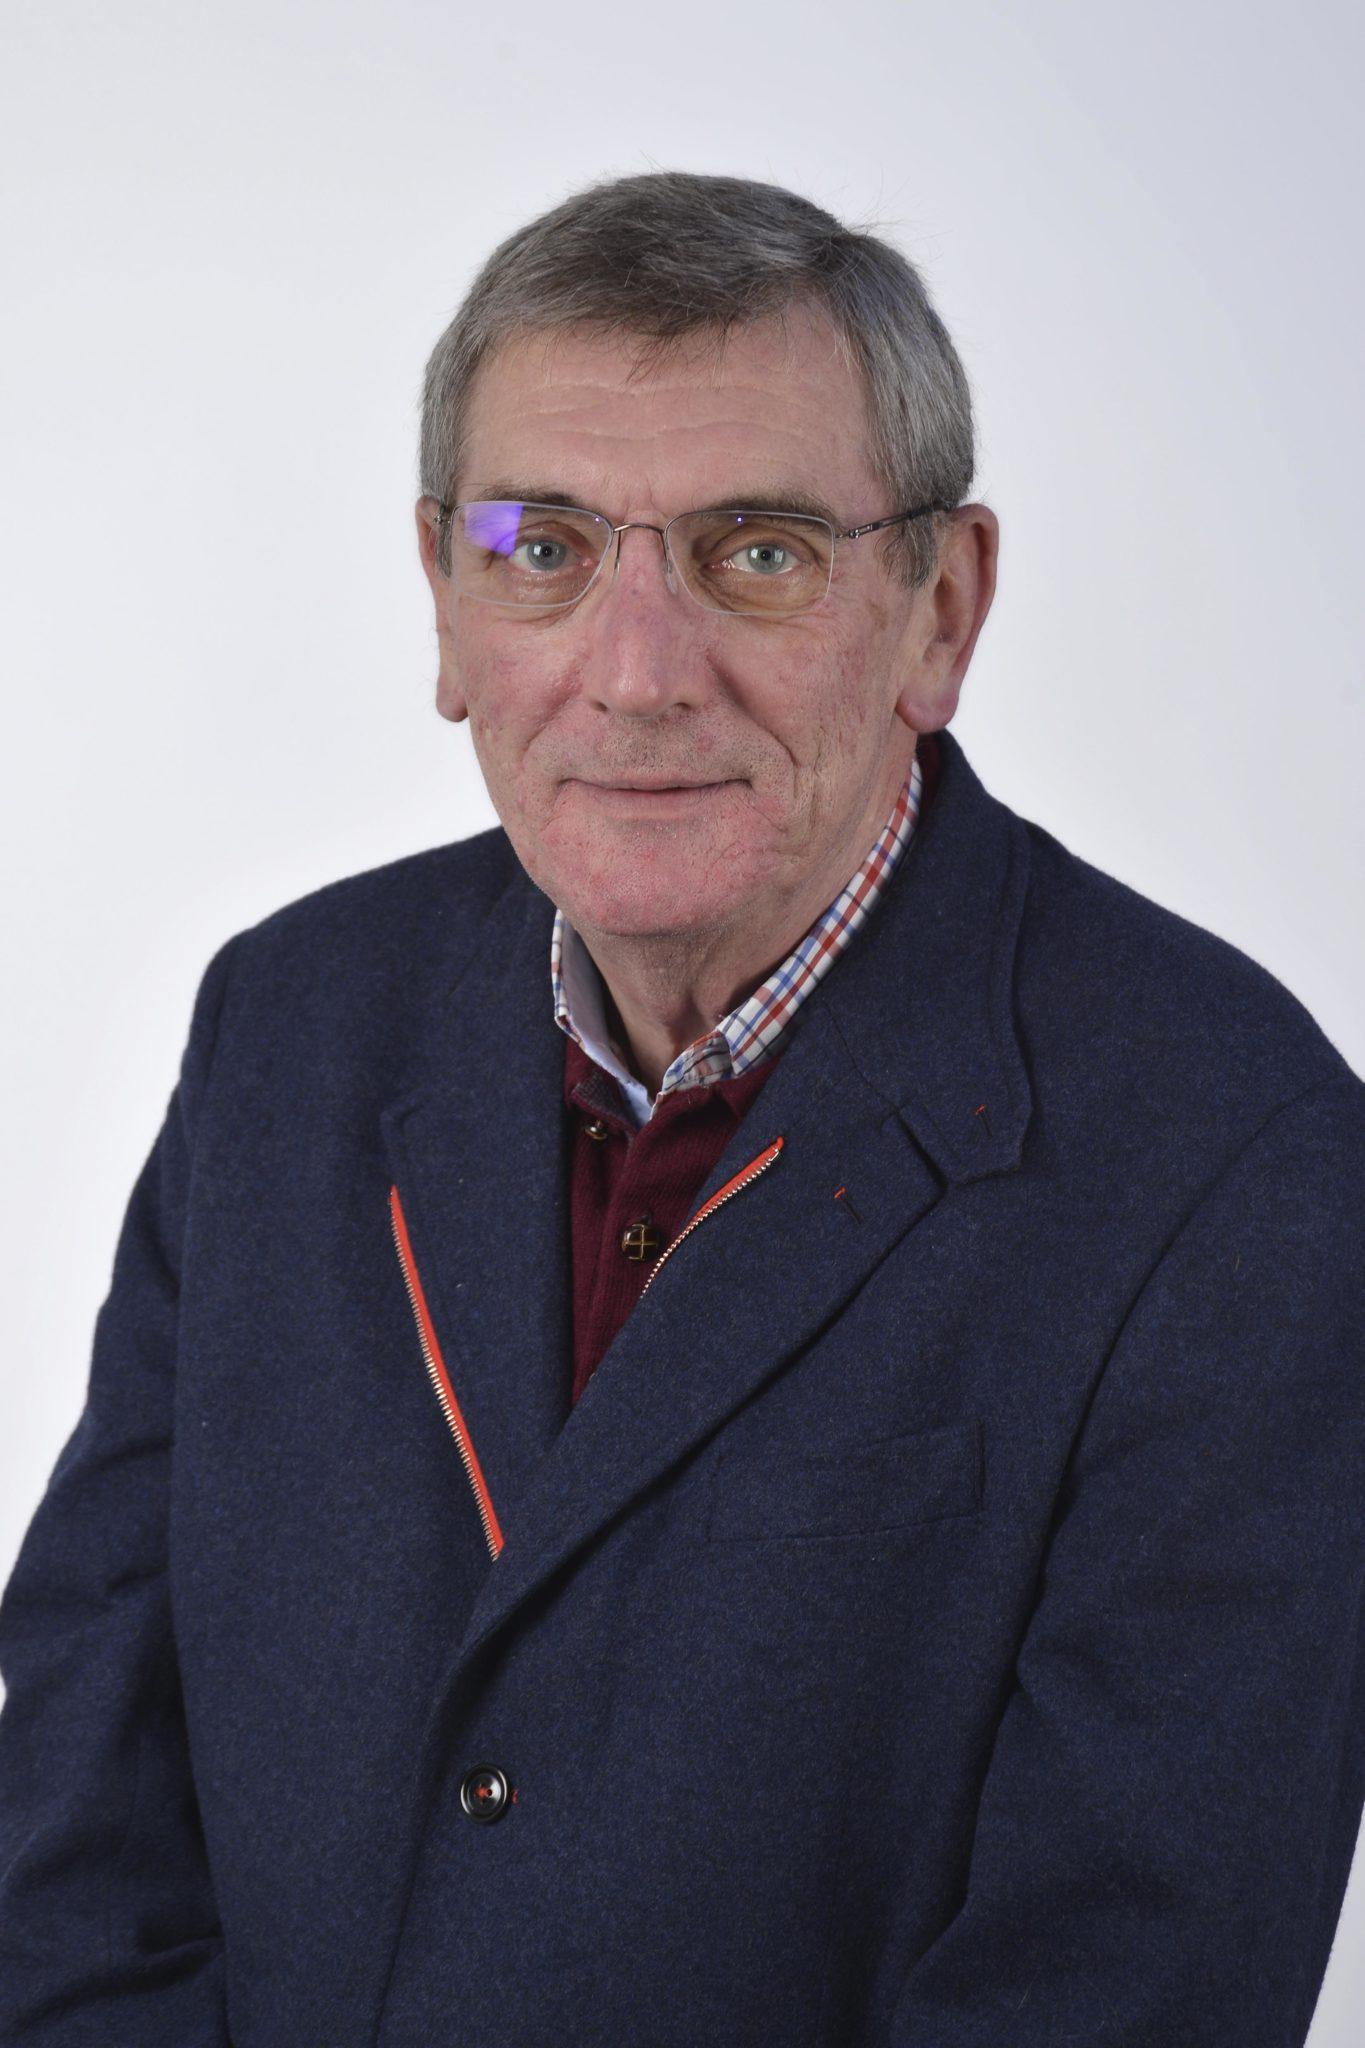 RAFAEL LATORRE MORAGA